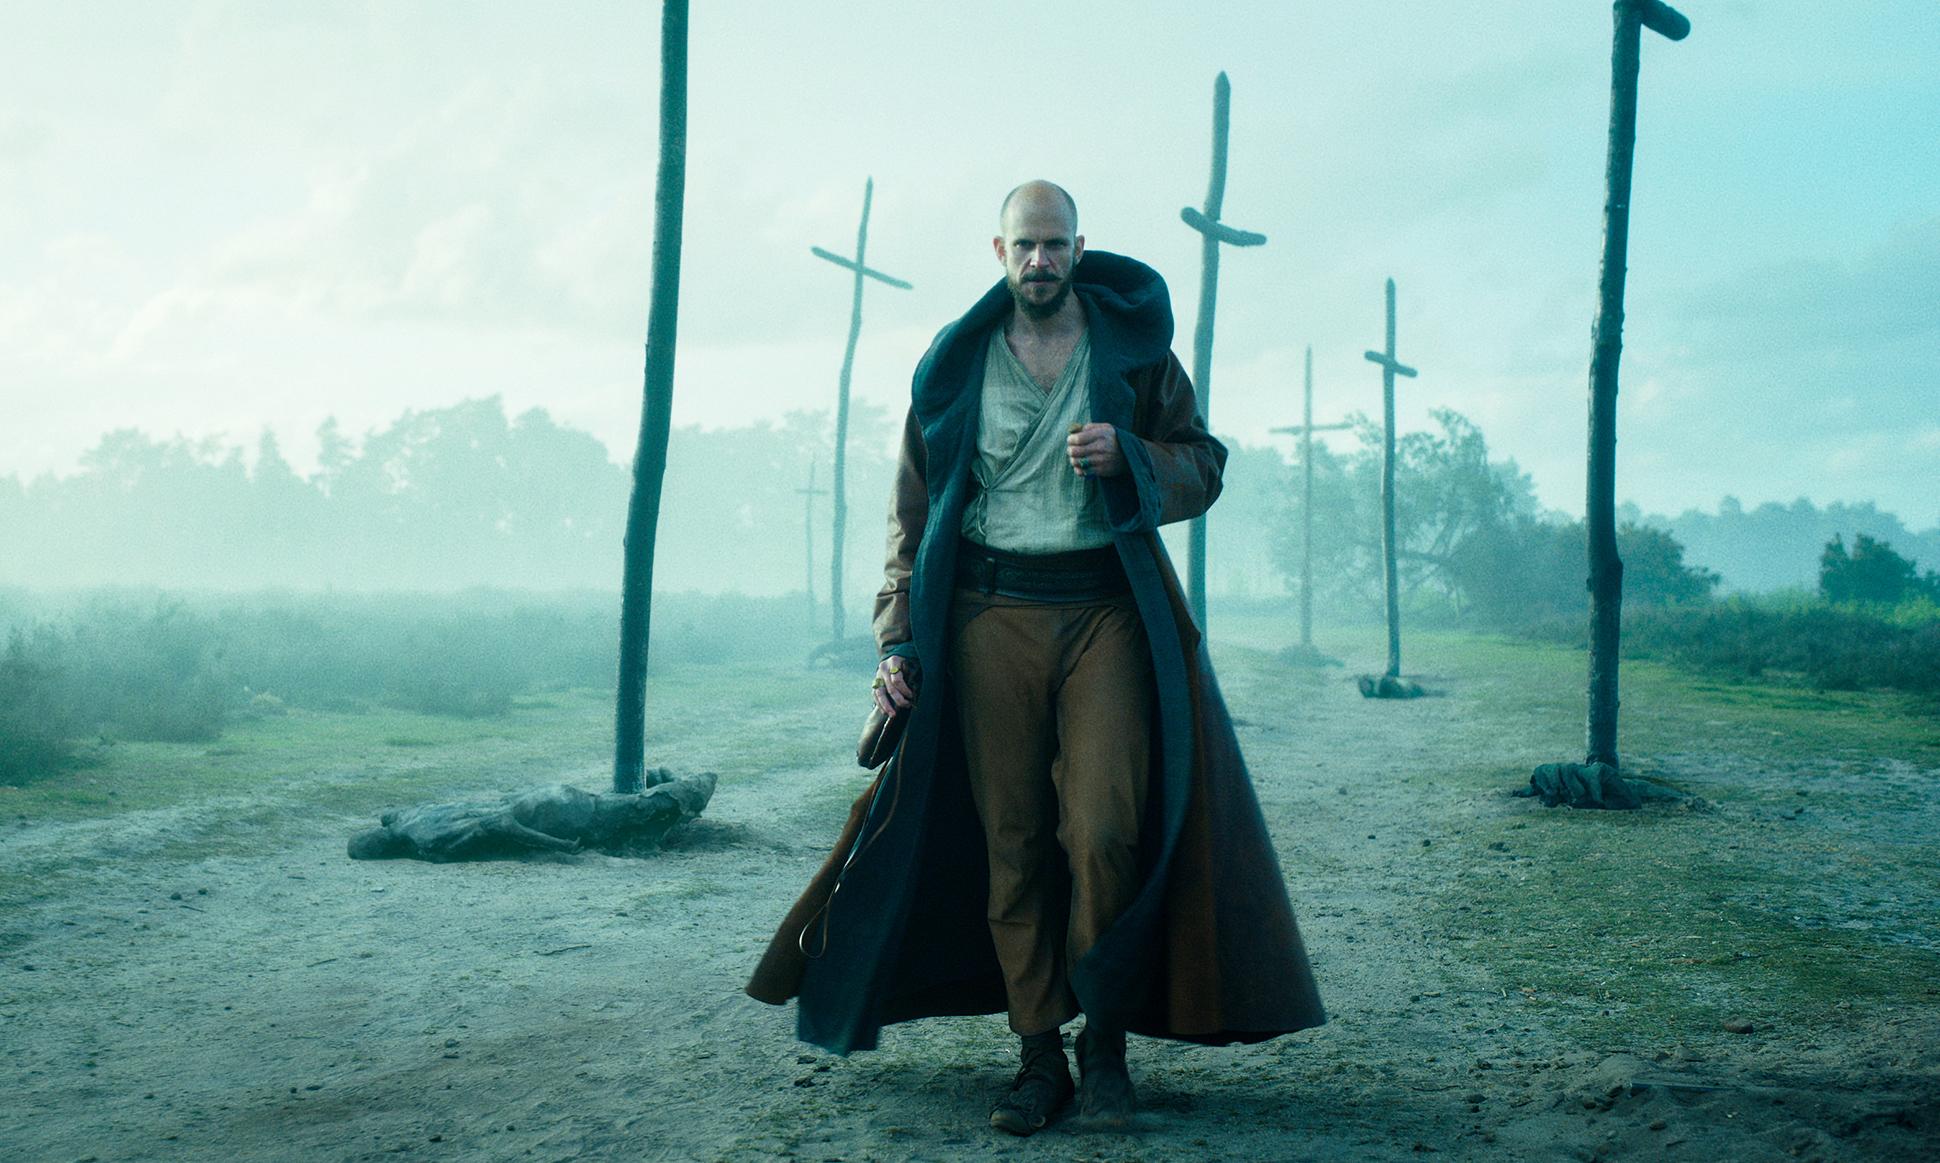 Nya fantasy-serien Cursed har premiär den 17 juli Gustaf Skarsgård i återberättelse av legenden om kung Arthur